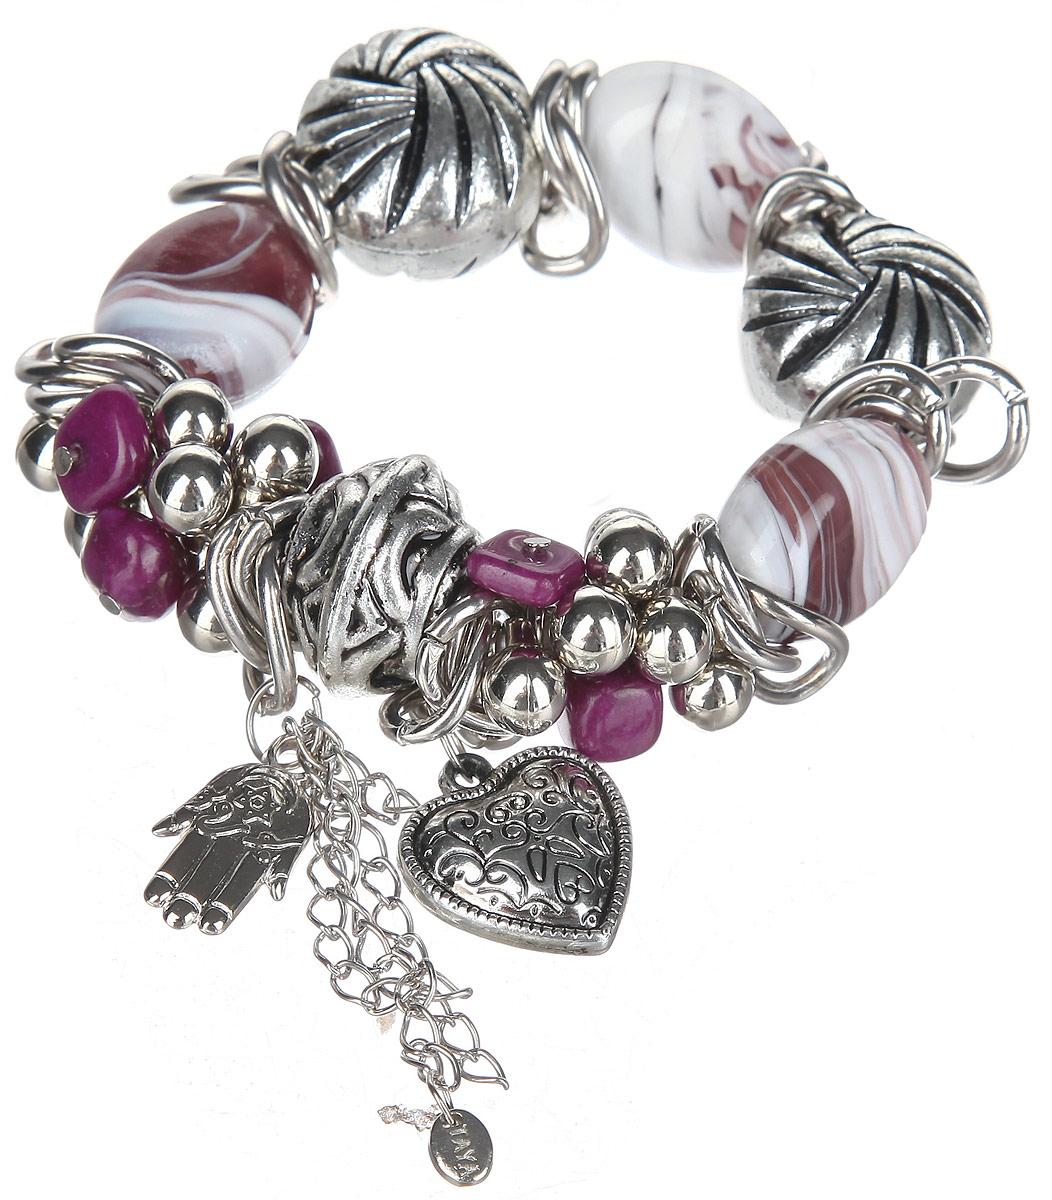 Браслет Taya, цвет: серебристый, белый, сиреневый, пурпурный. T-B-10335T-B-10335Оригинальный браслет Taya, изготовленный из гипоаллергенного материала, выполнен на эластичной основе из цветных стеклянных бусин, натурального камня и элементов из ювелирного сплава с покрытием под серебро. Модель дополнена стильными подвесками из металла в виде сердца и ладони с цепочками. Такой оригинальный браслет не оставит равнодушной ни одну любительницу изысканных и необычных украшений, а также позволит с легкостью воплотить самую смелую фантазию и создать собственный, неповторимый образ.